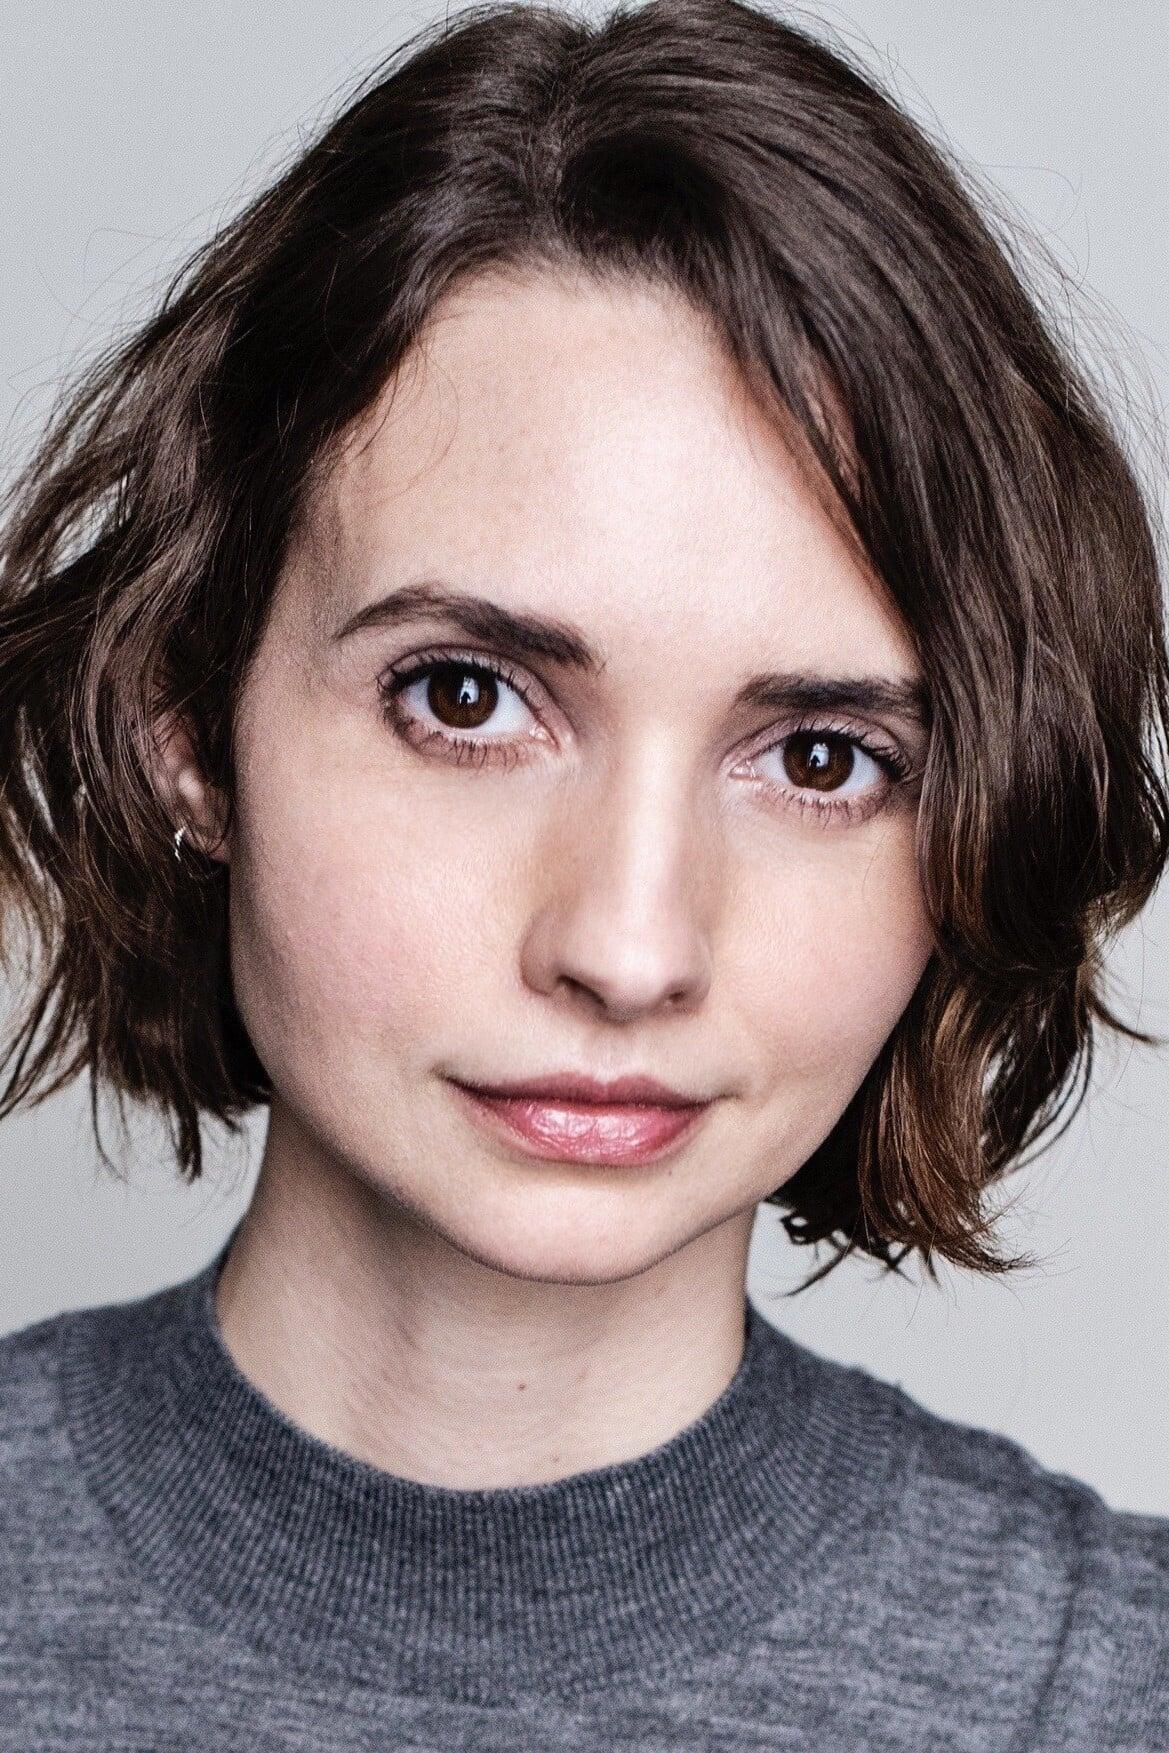 Sarah Beck Mather